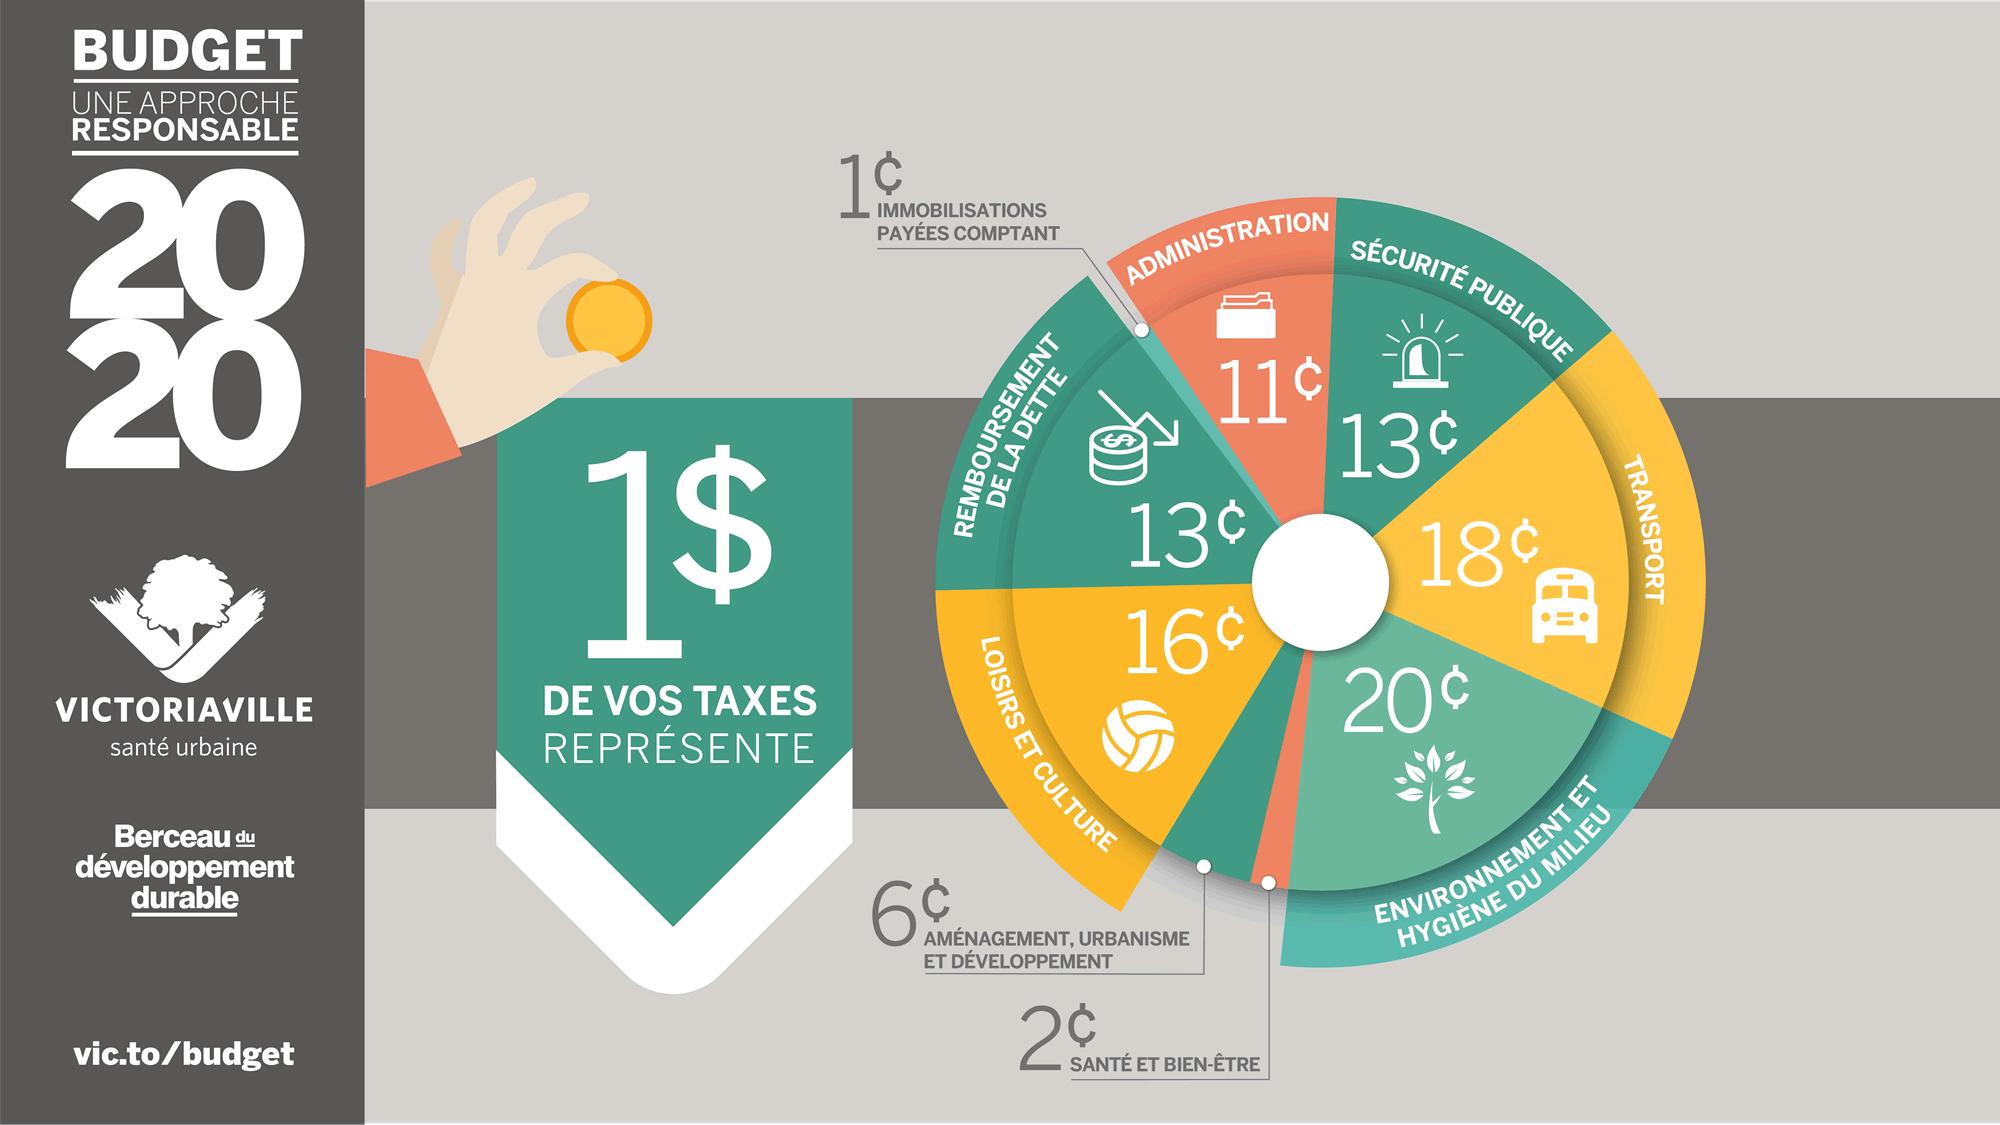 Victoriaville dépose un budget responsable pour l'année 2020